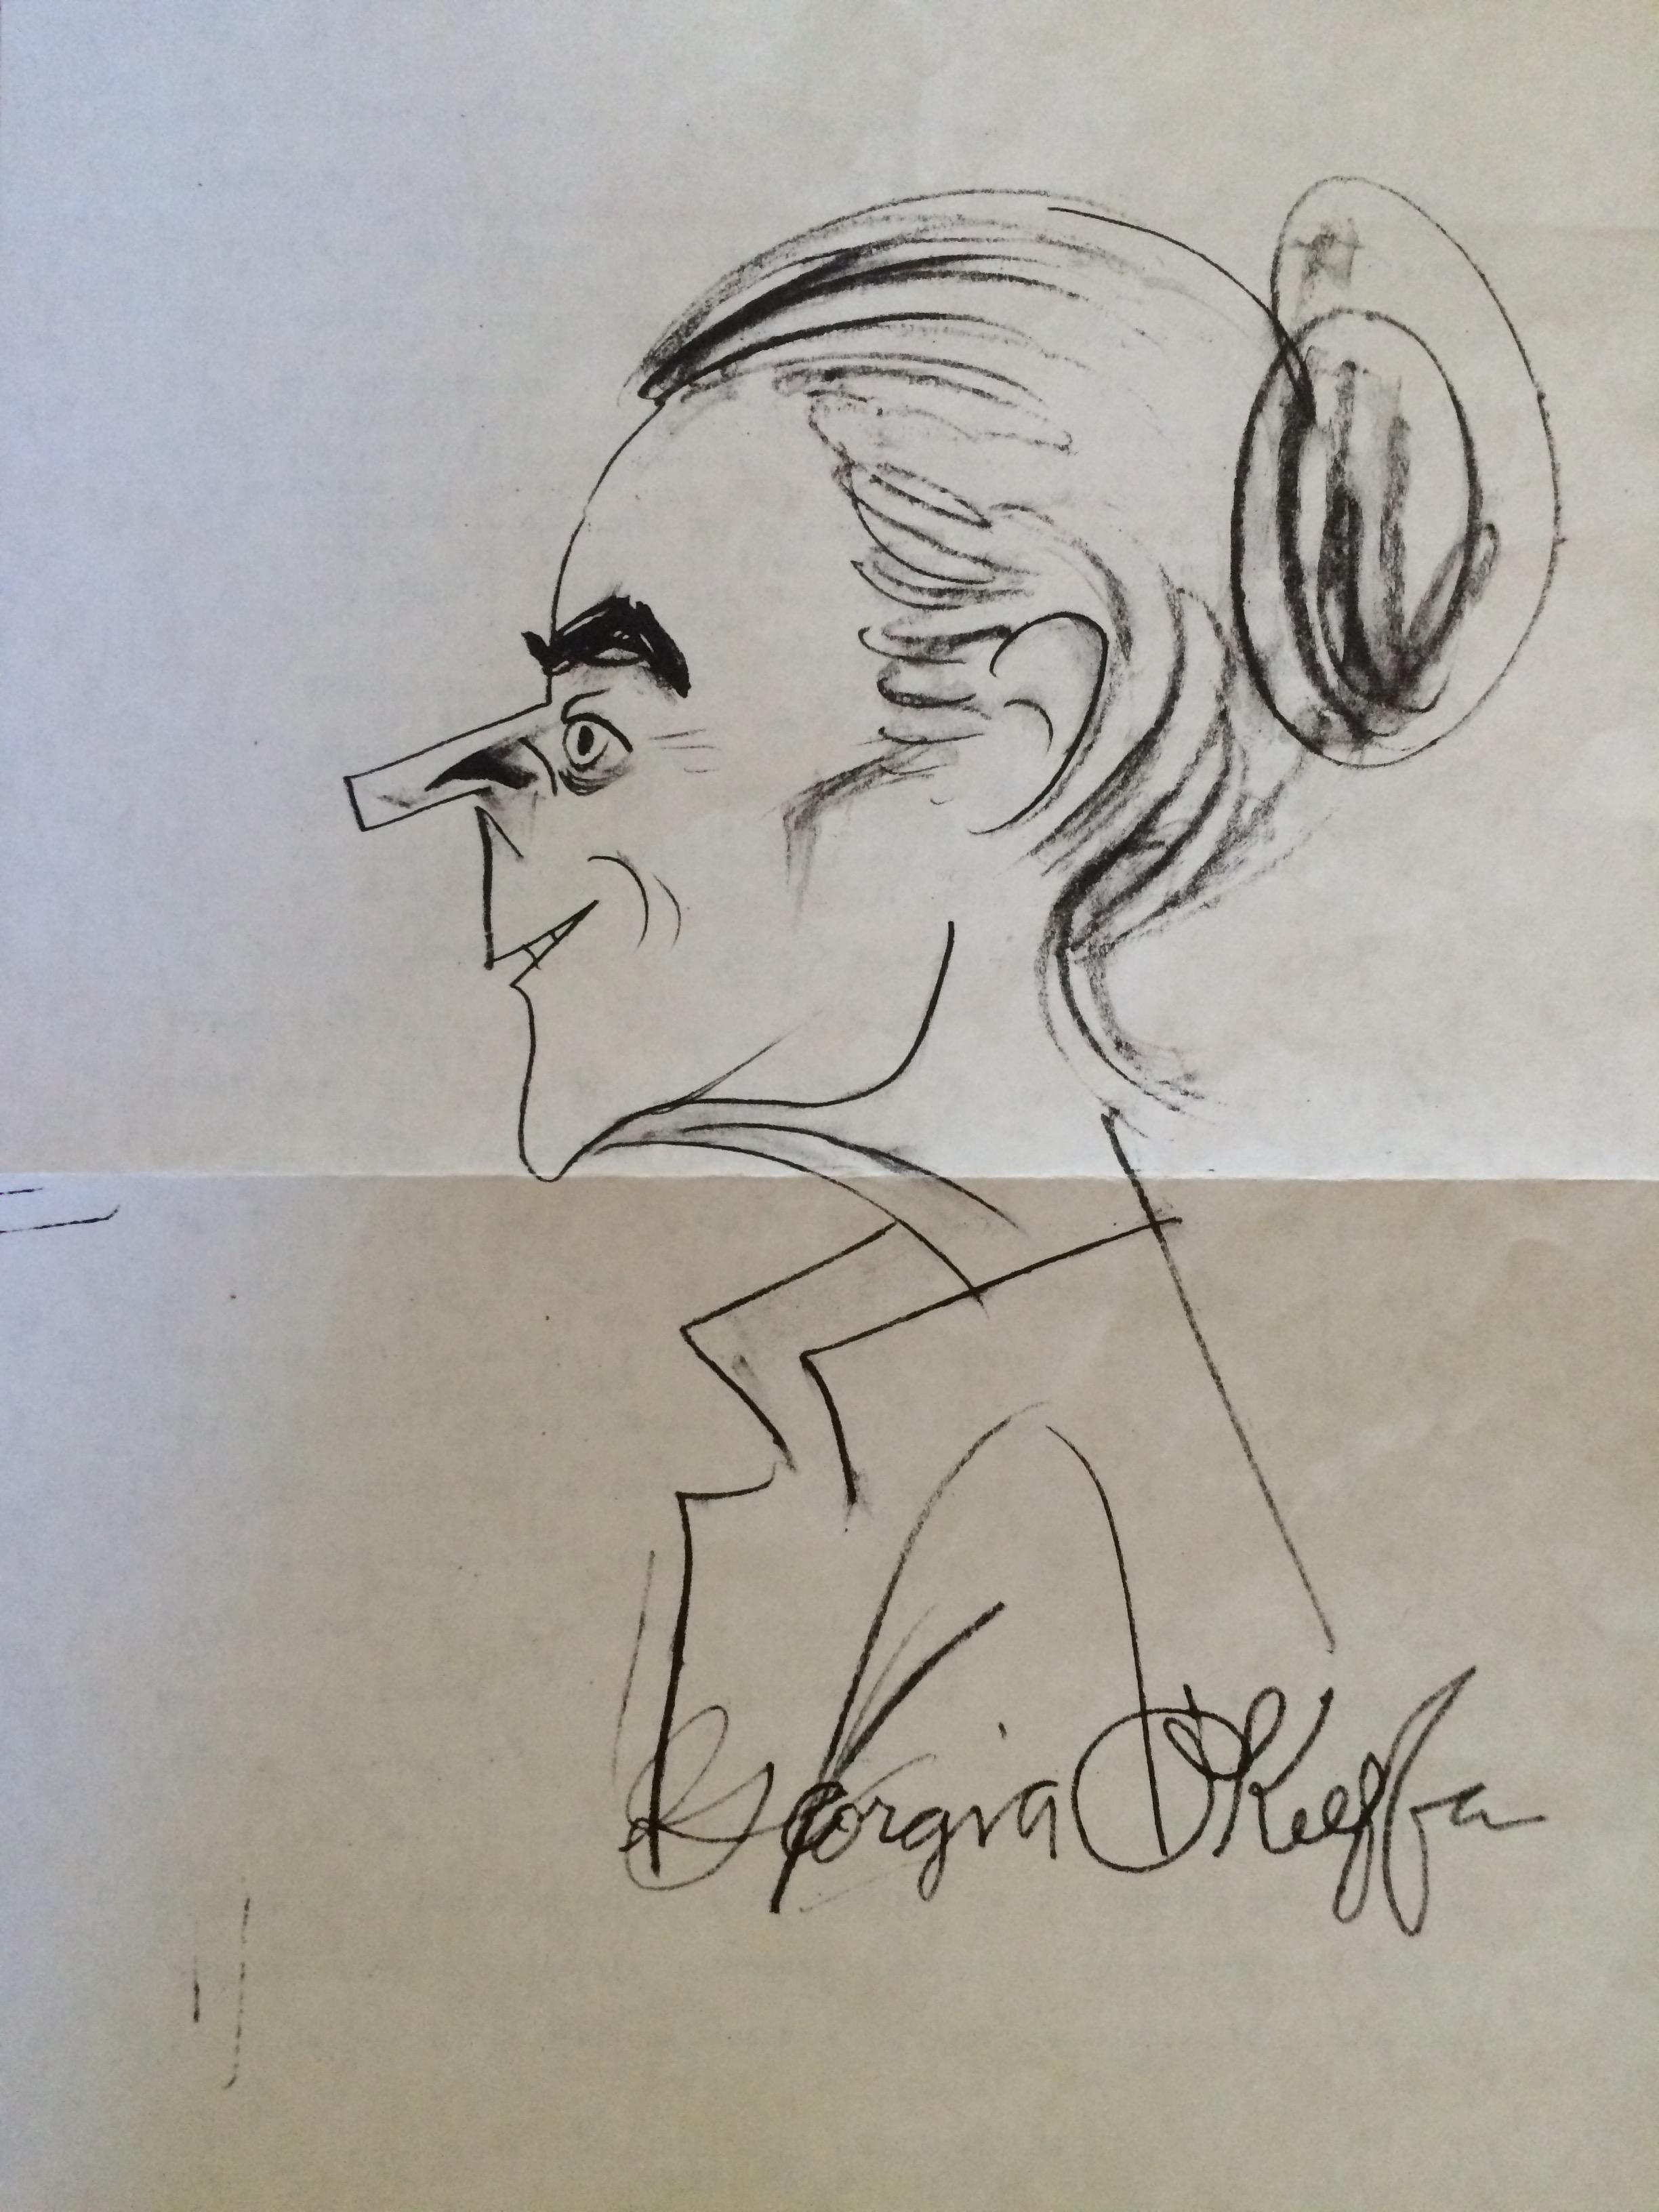 okeeffe sketch